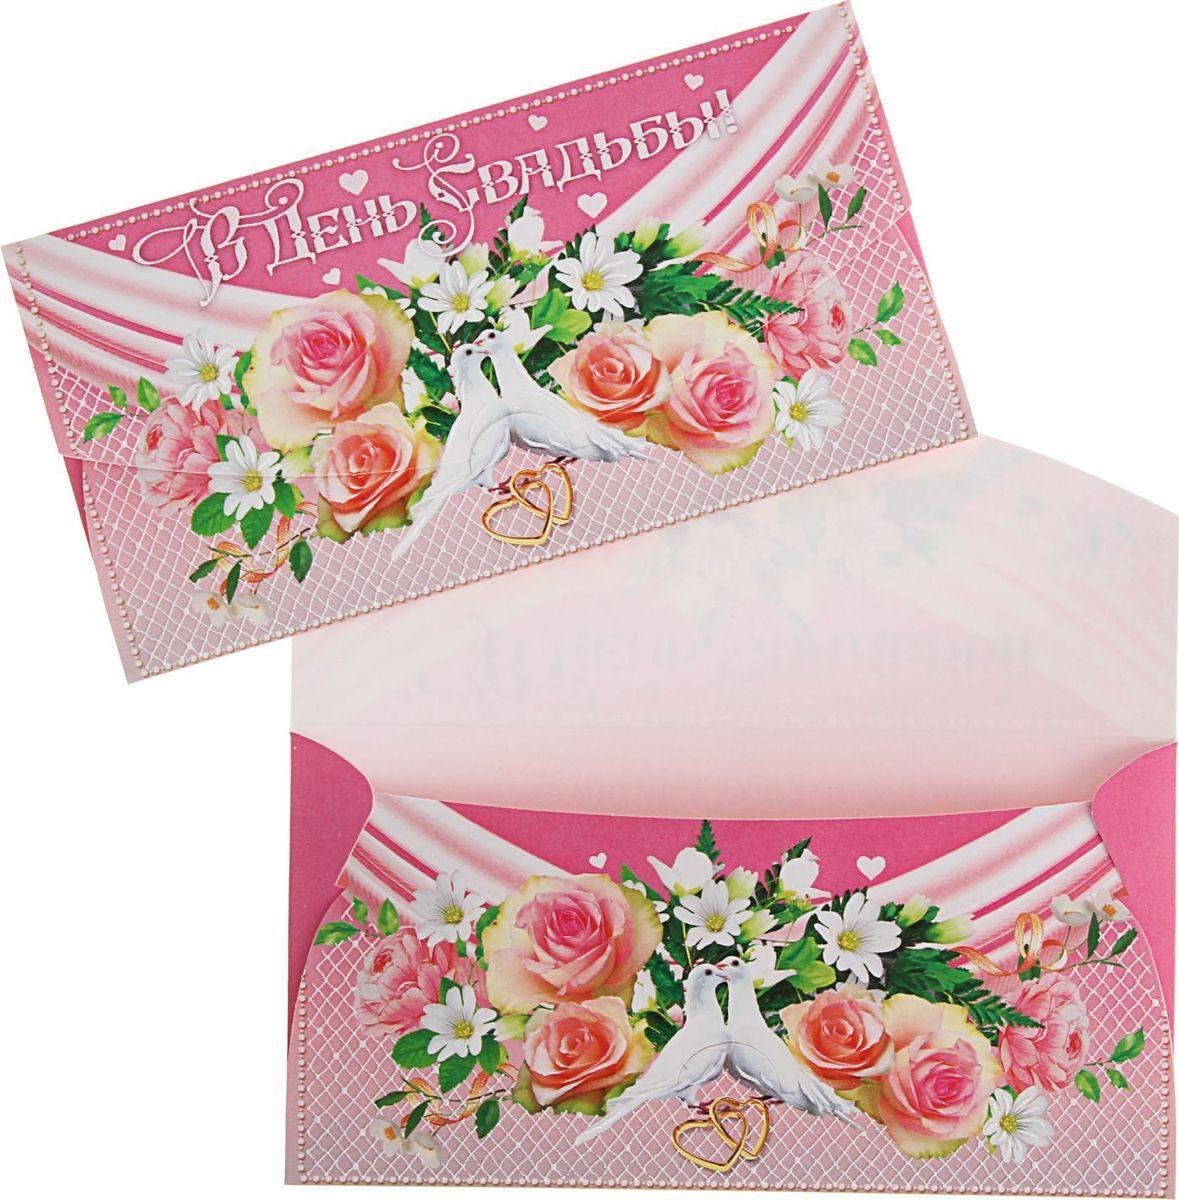 Конверт для денег Русский дизайн В День Свадьбы. Розовые розы и голуби, розовый фон, 18 х 9,5 см1367820Невозможно представить нашу жизнь без праздников! Мы всегда ждём их и предвкушаем, обдумываем, как проведём памятный день, тщательно выбираем подарки и аксессуары, ведь именно они создают и поддерживают торжественный настрой. Этот конверт для денег - отличный выбор, который привнесёт атмосферу праздника в ваш дом!